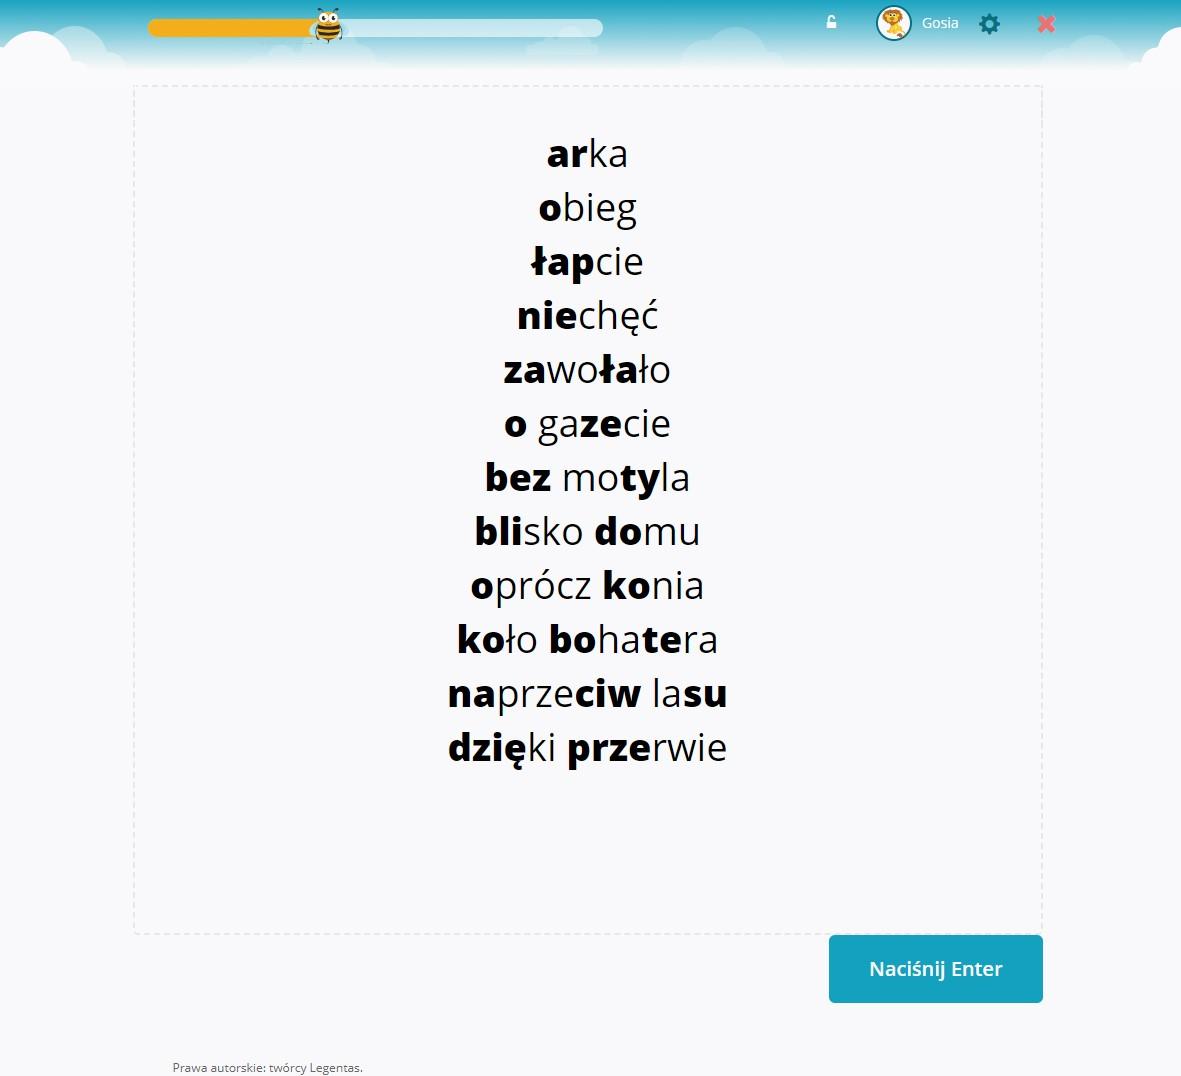 Zwykłe słowa ćwiczone w obrazku złożonym z wyrazów